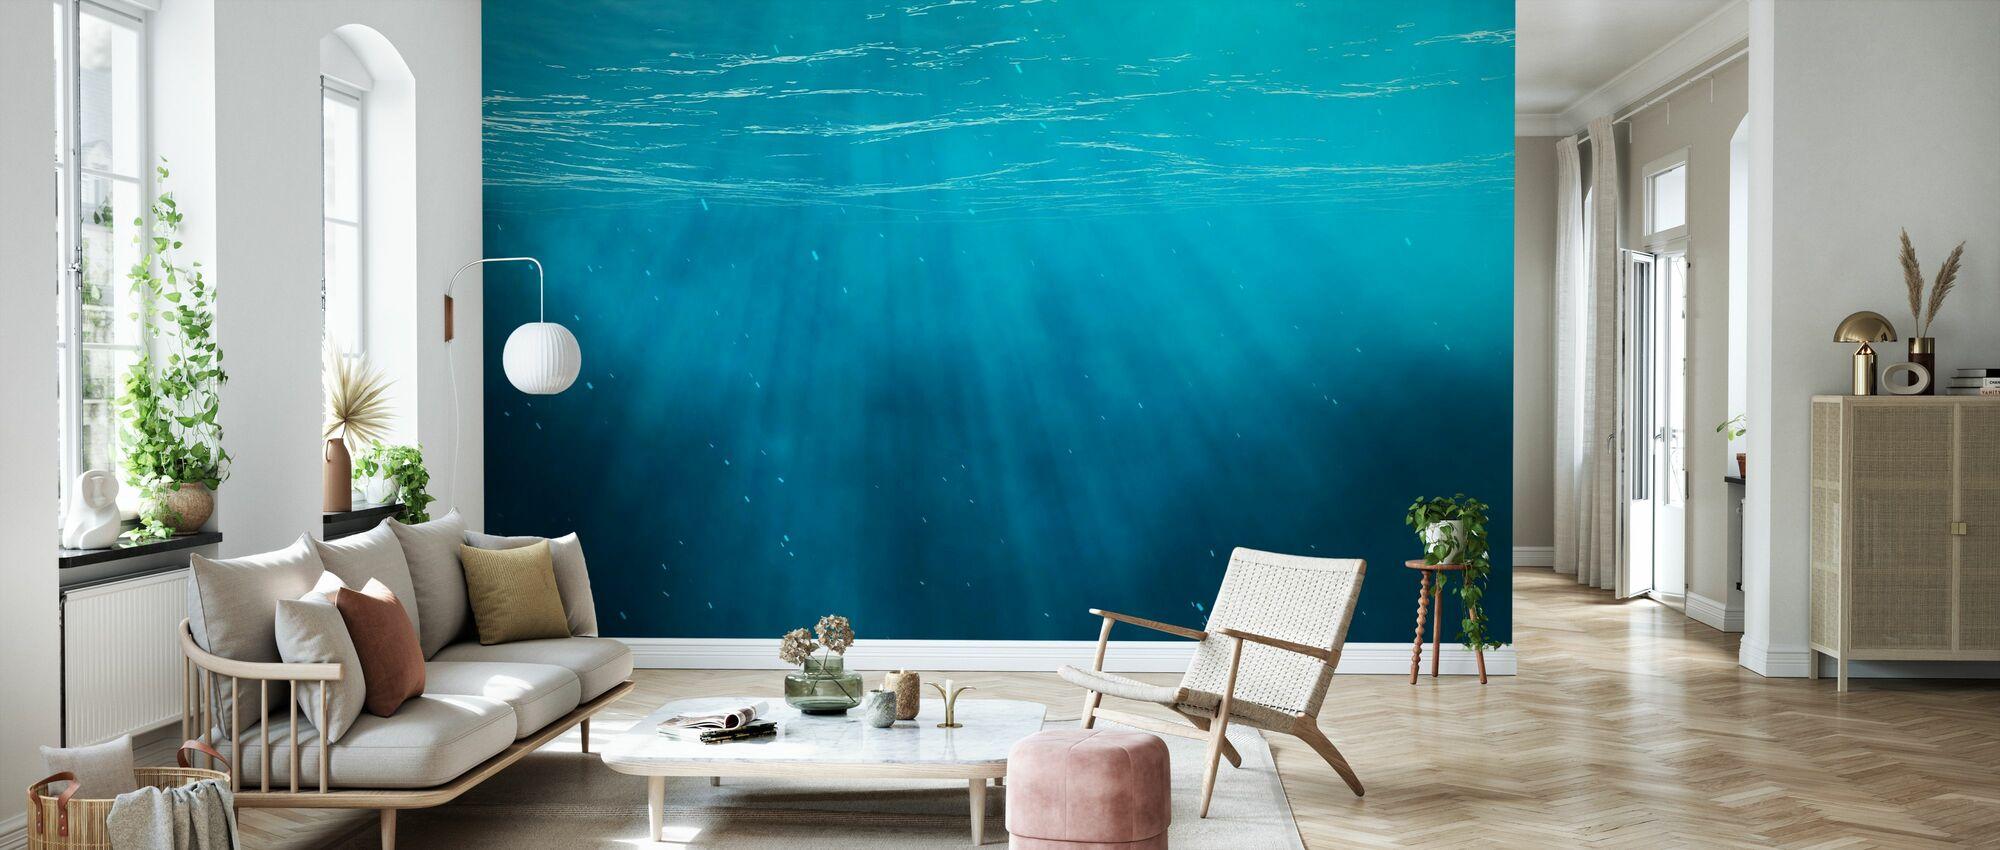 Unterwasser - Tapete - Wohnzimmer